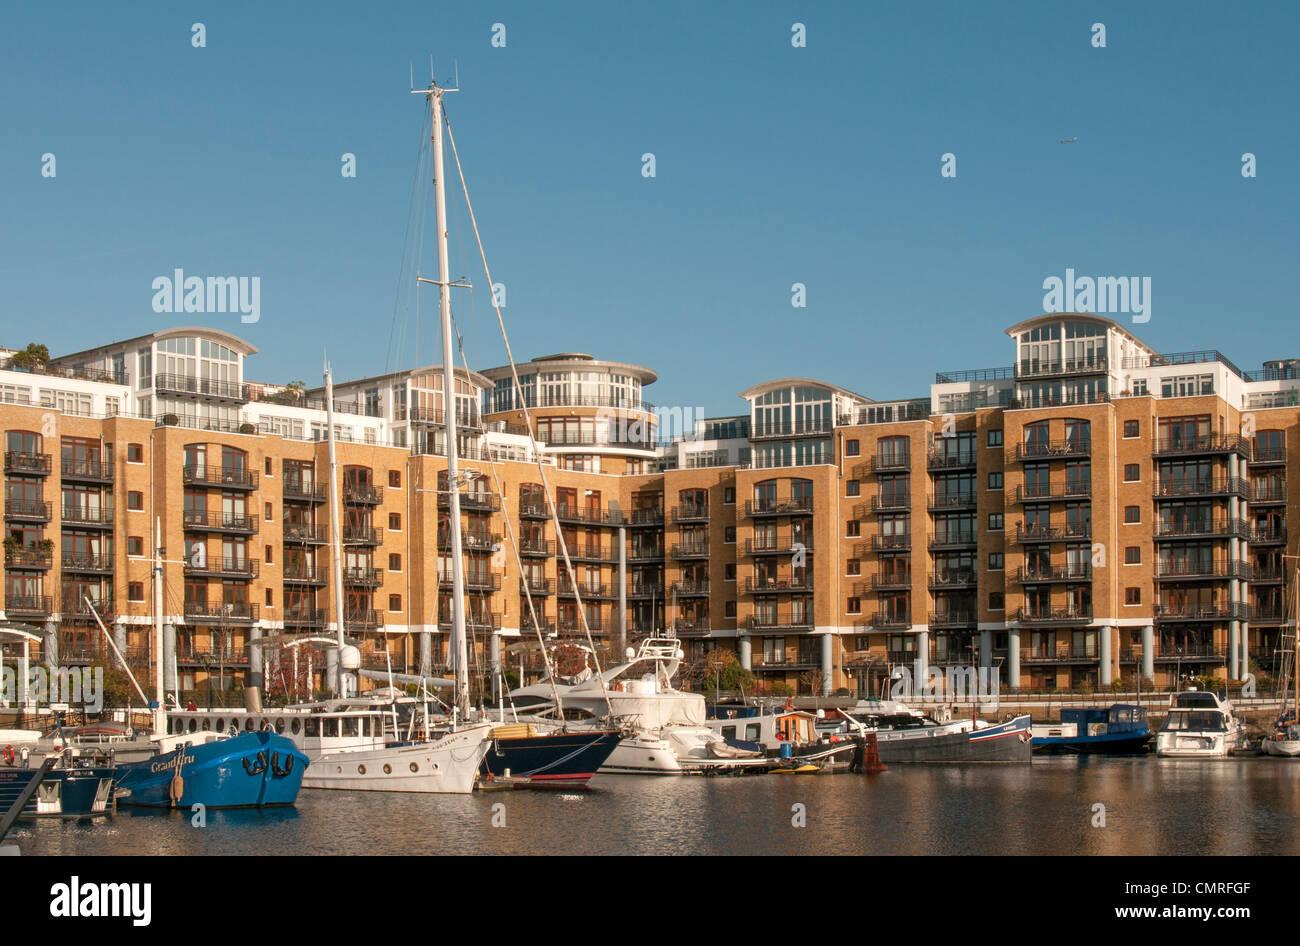 St Katharine Docks, London - Docklands, England, UK - Stock Image